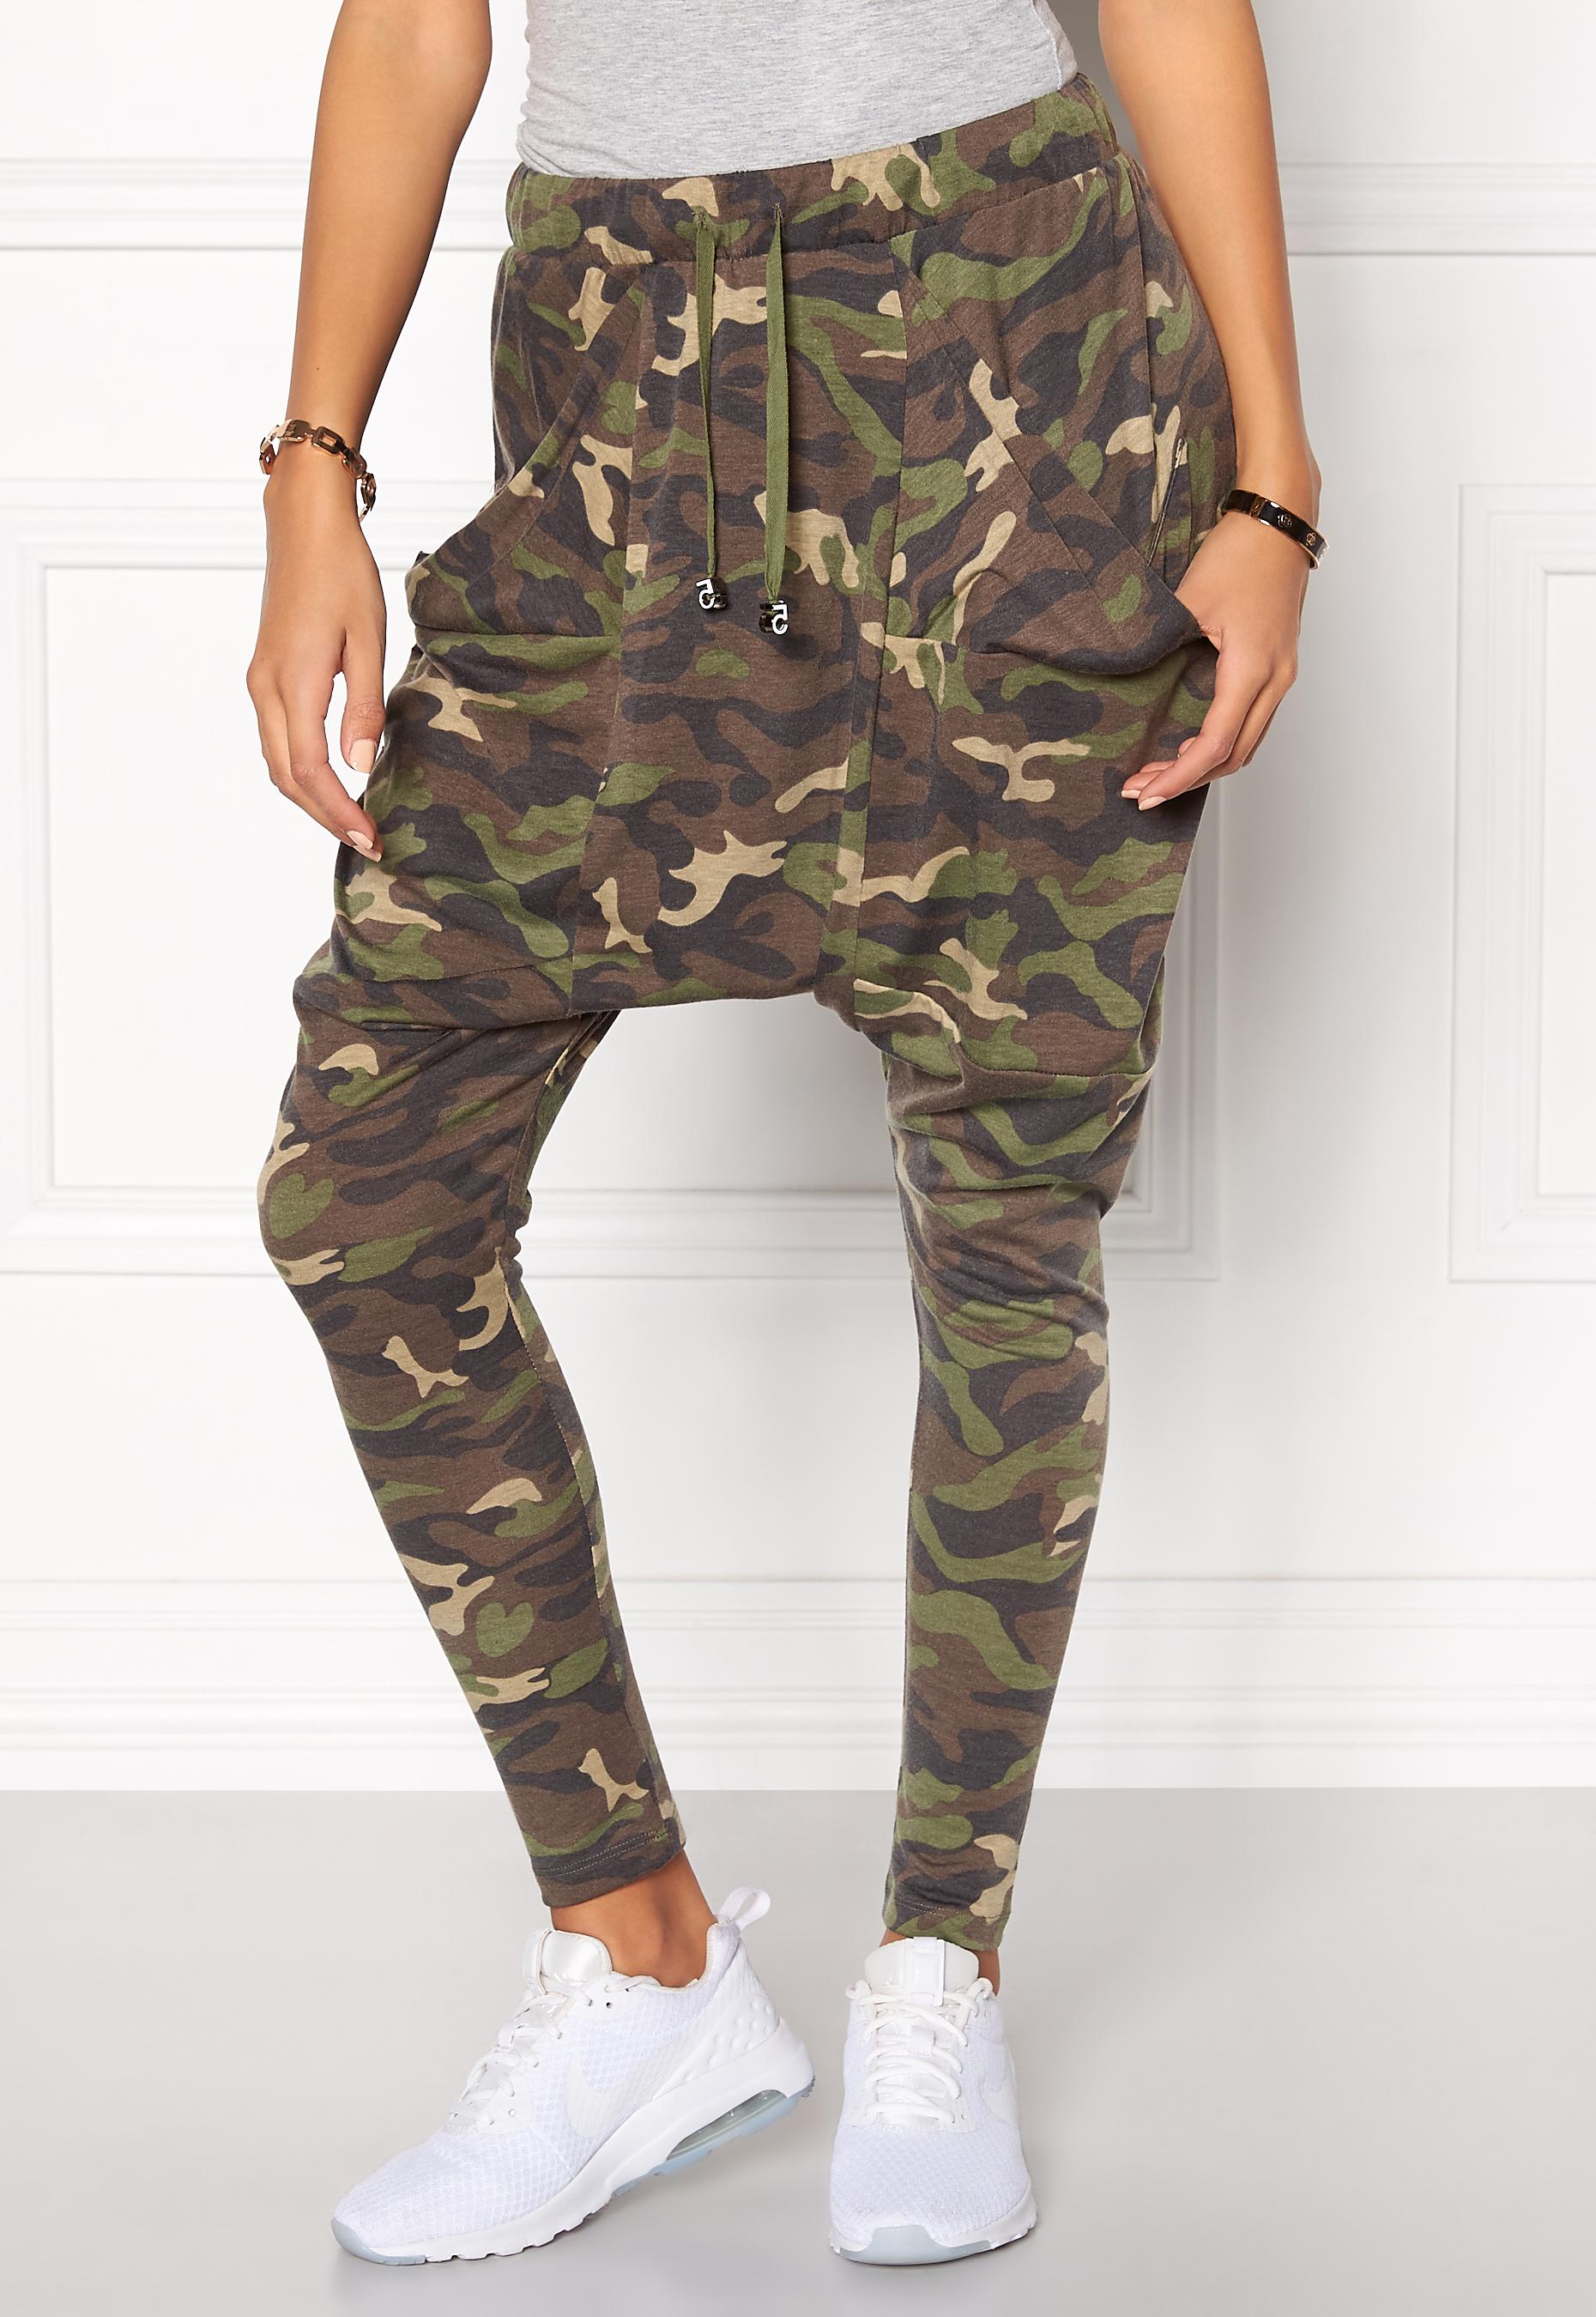 stiluri de moda 100% de înaltă calitate pantofi de separare Chiara Forthi Army Pantaloni Camouflage - Bubbleroom